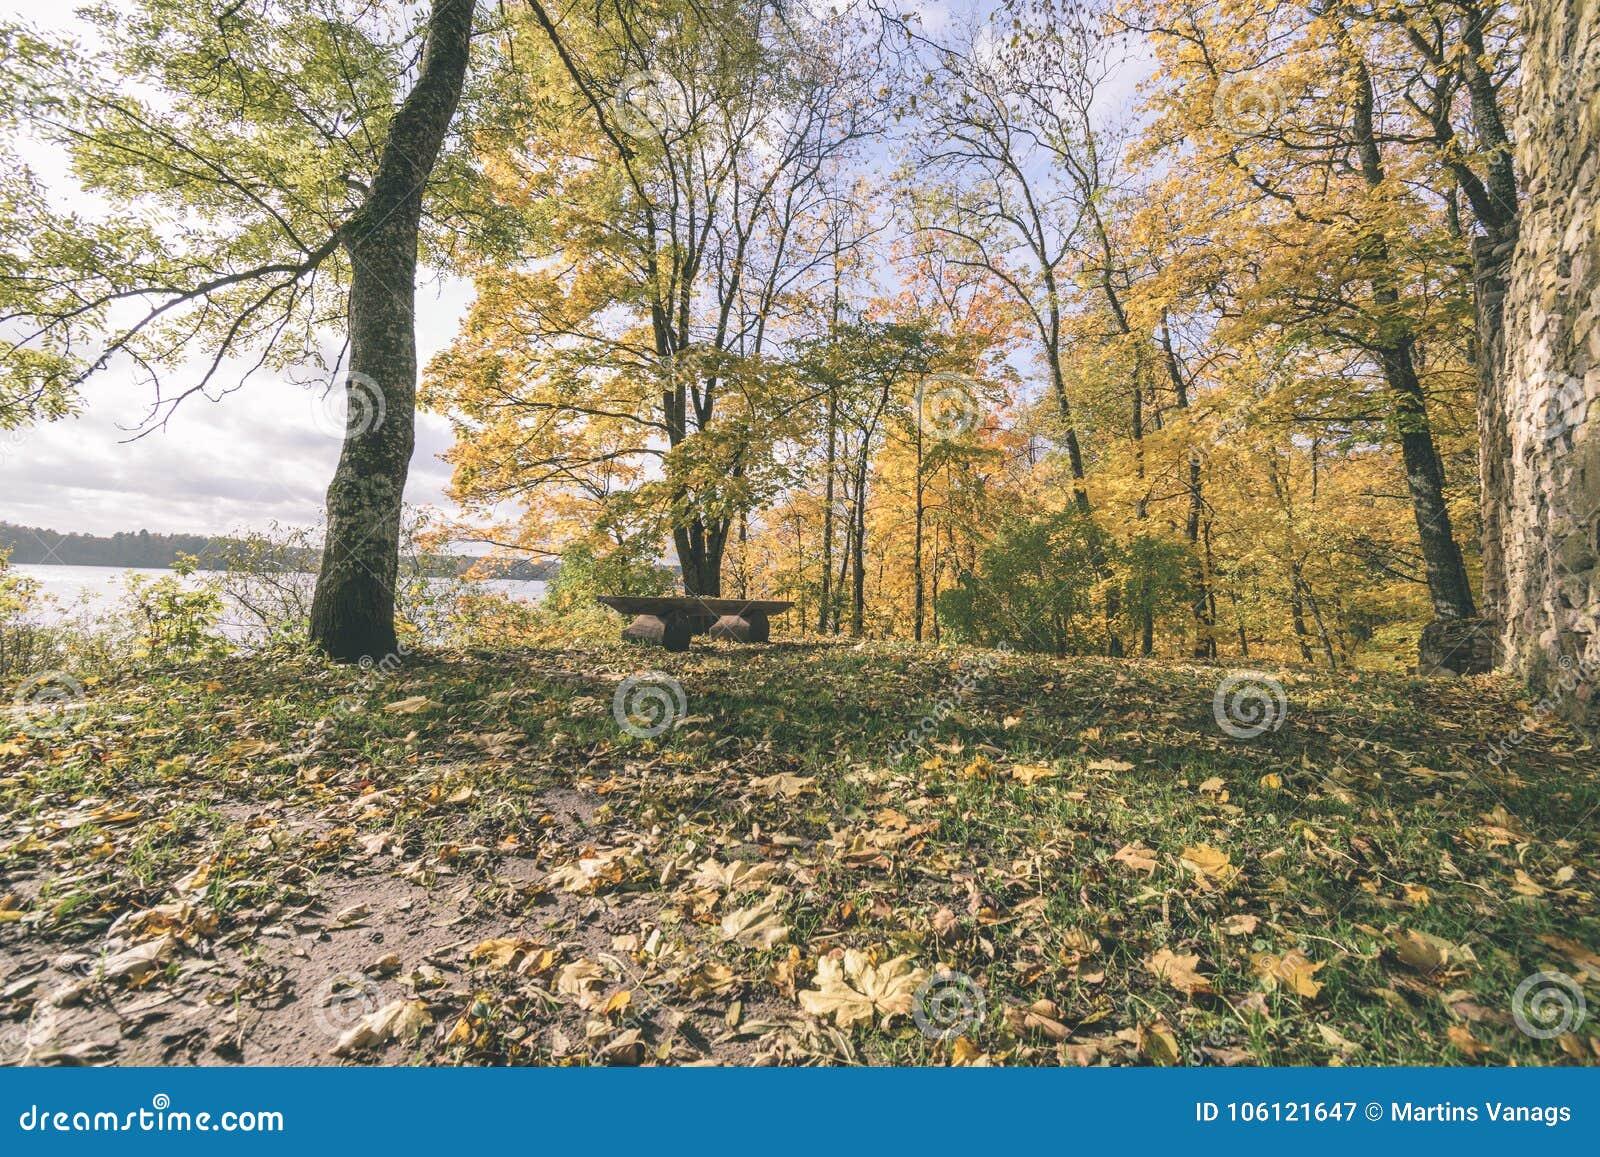 Manhã ensolarada nas madeiras floresta com troncos de árvore - vintage com referência a